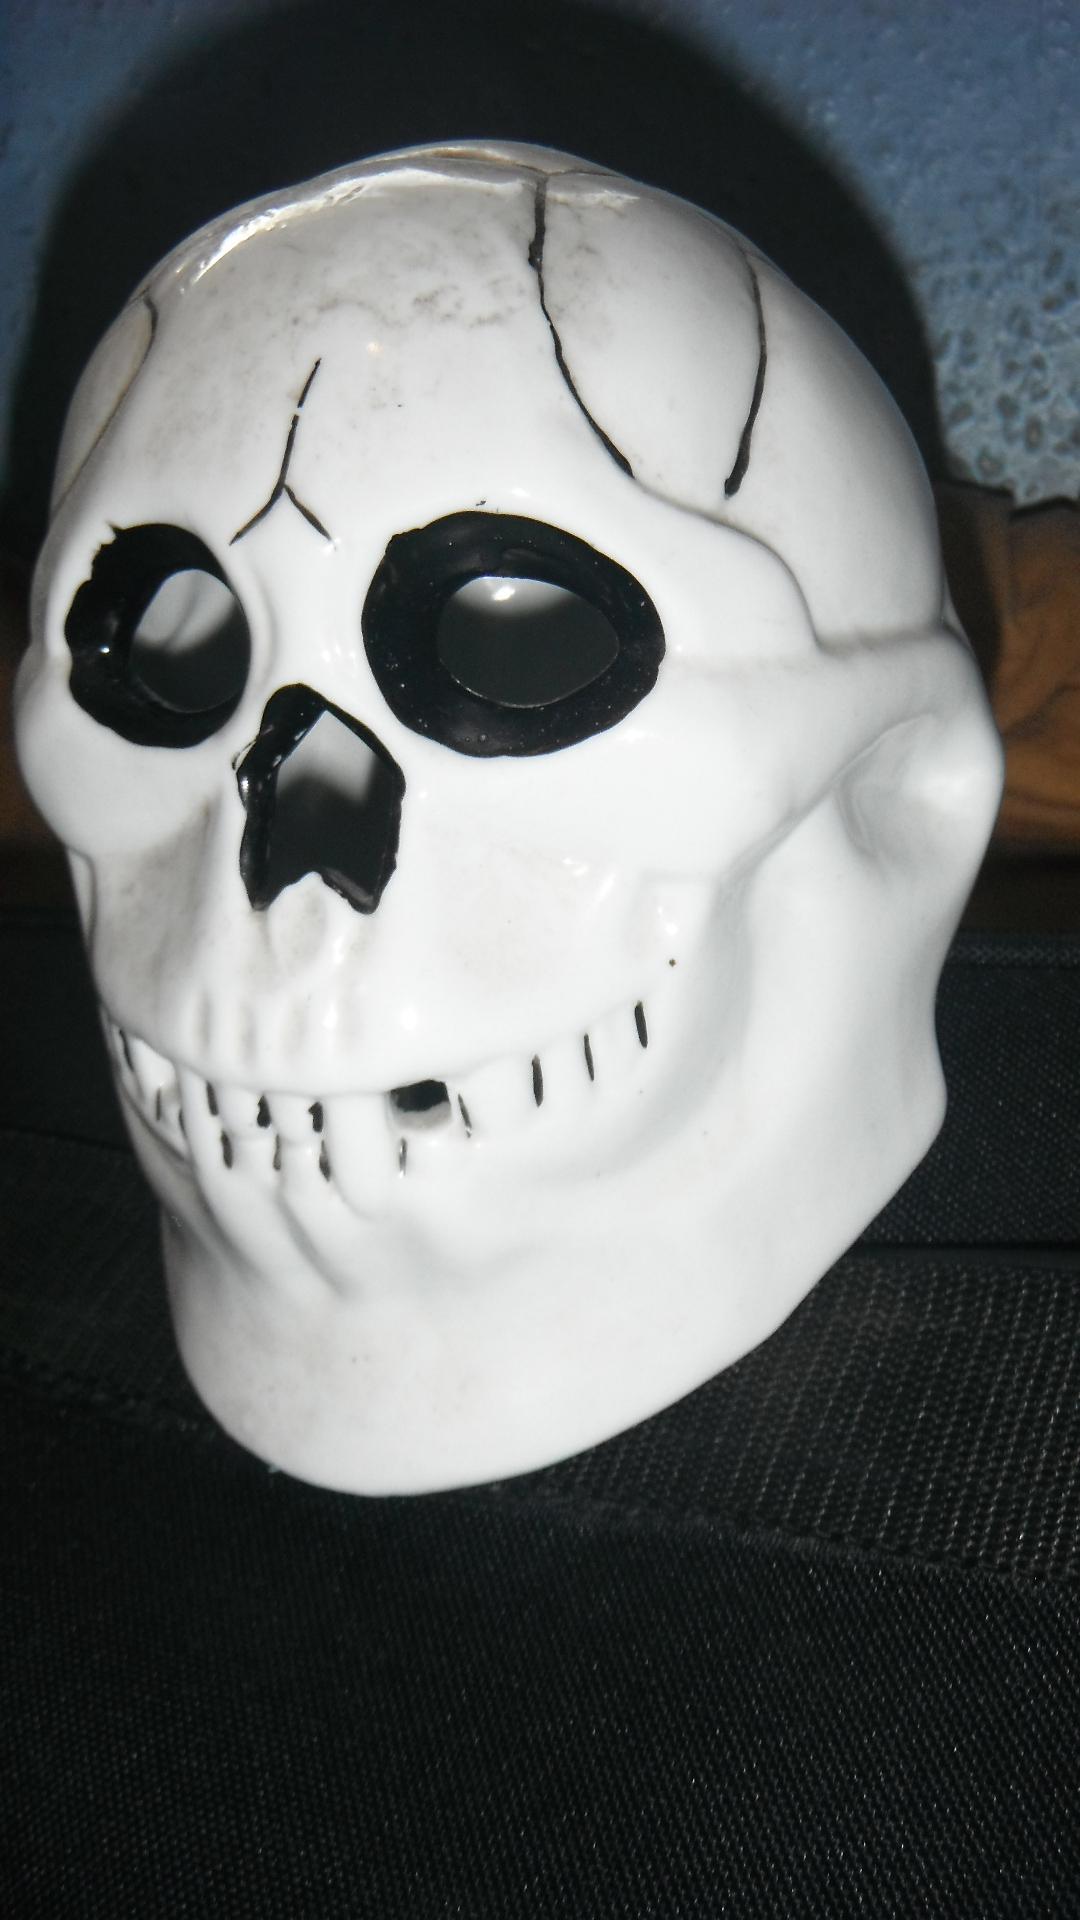 Photo taken by me – horror skull